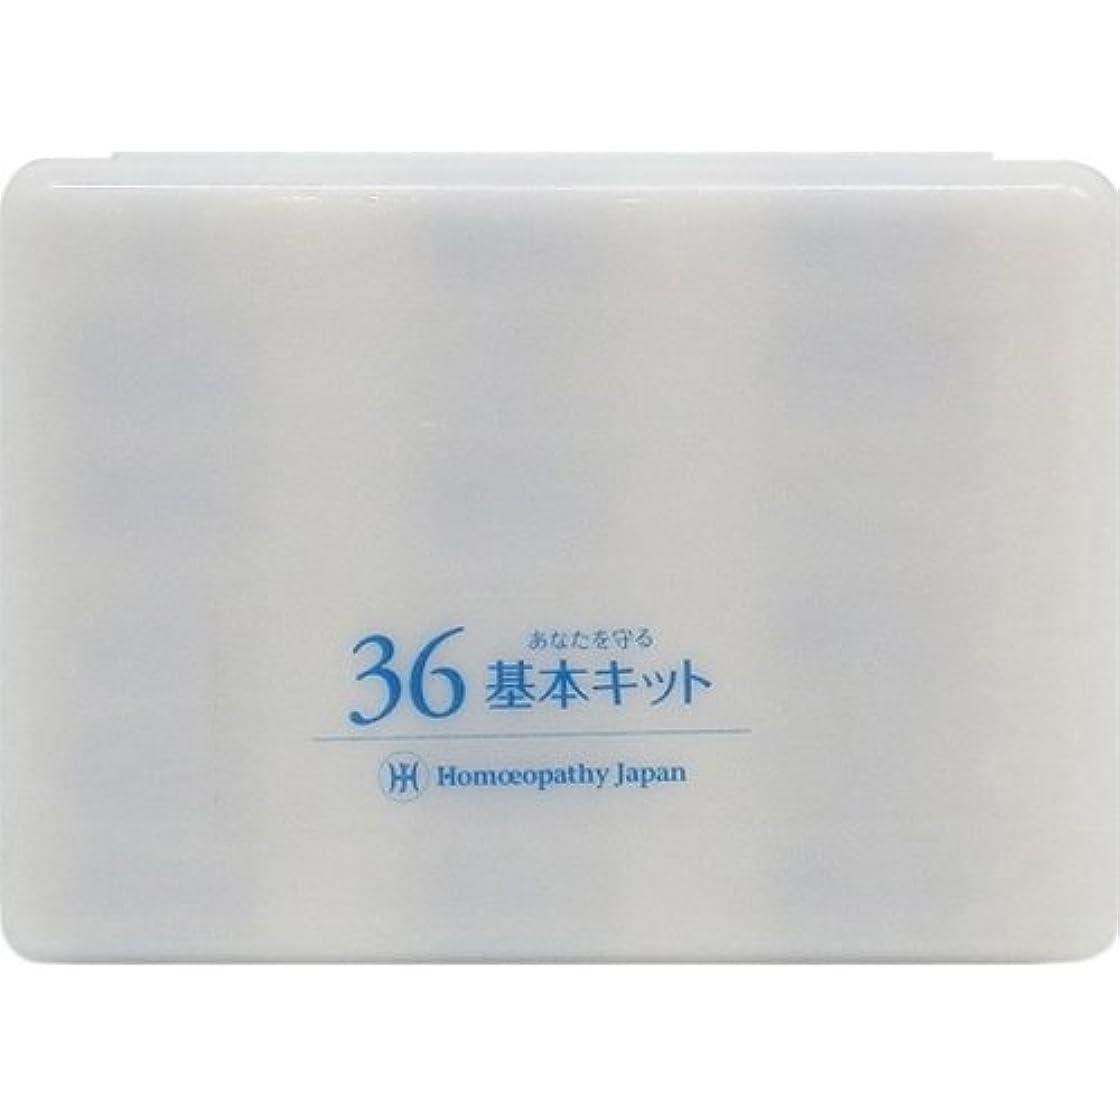 オークドアミラーアルバムホメオパシージャパンレメディー 新36基本キット